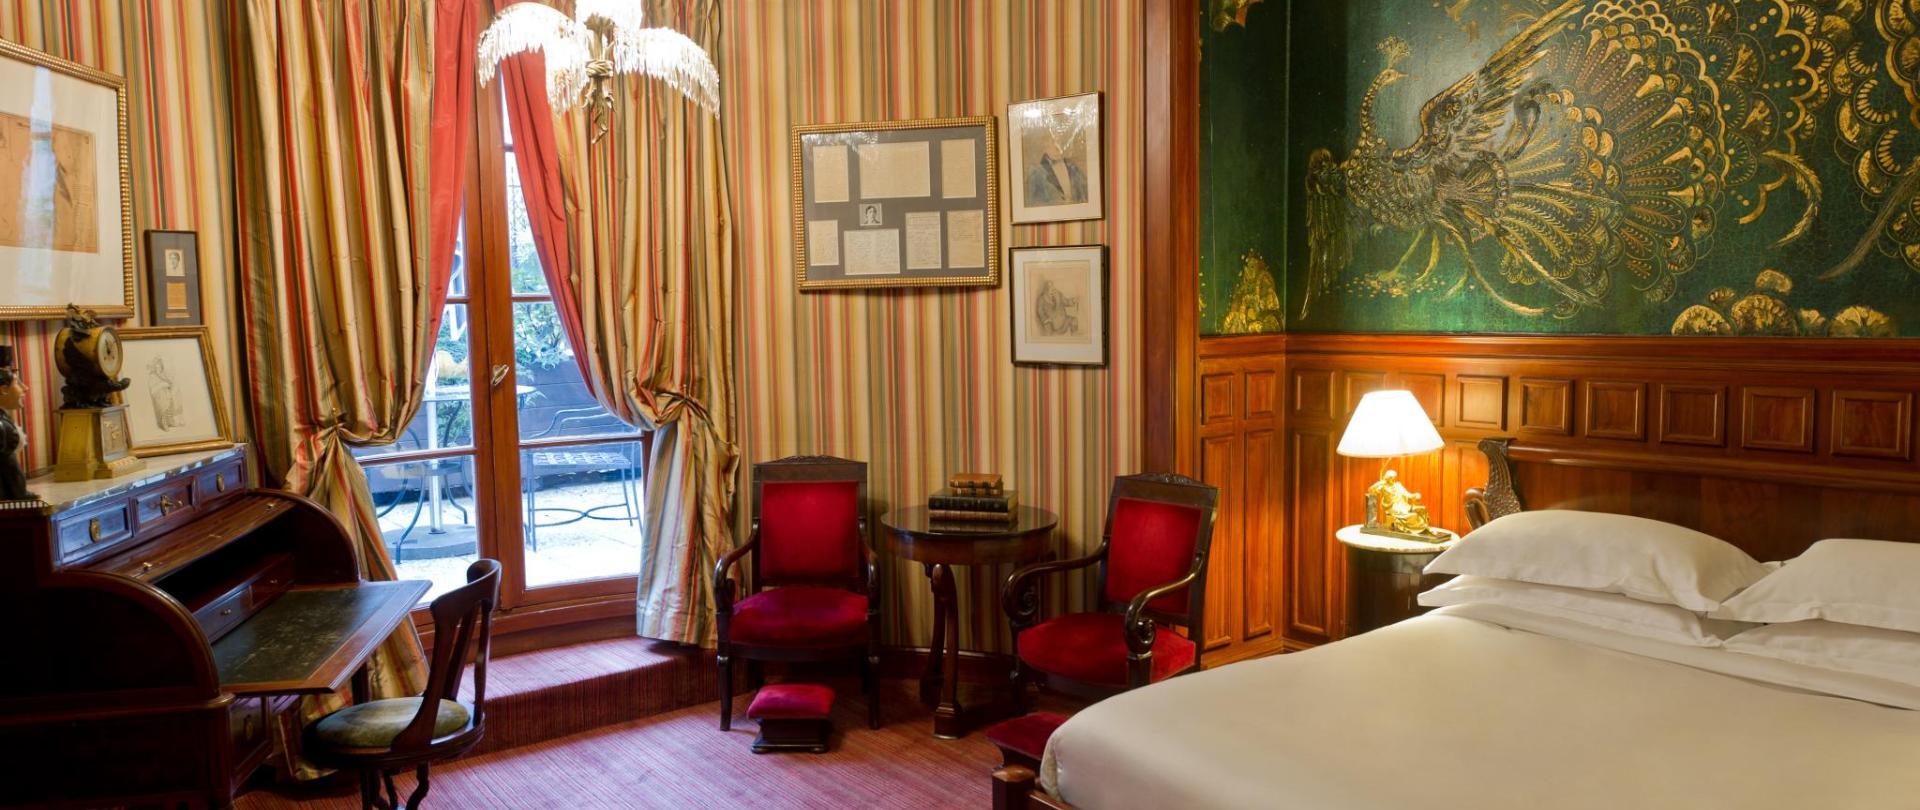 Oscar Wilde Suite.jpg